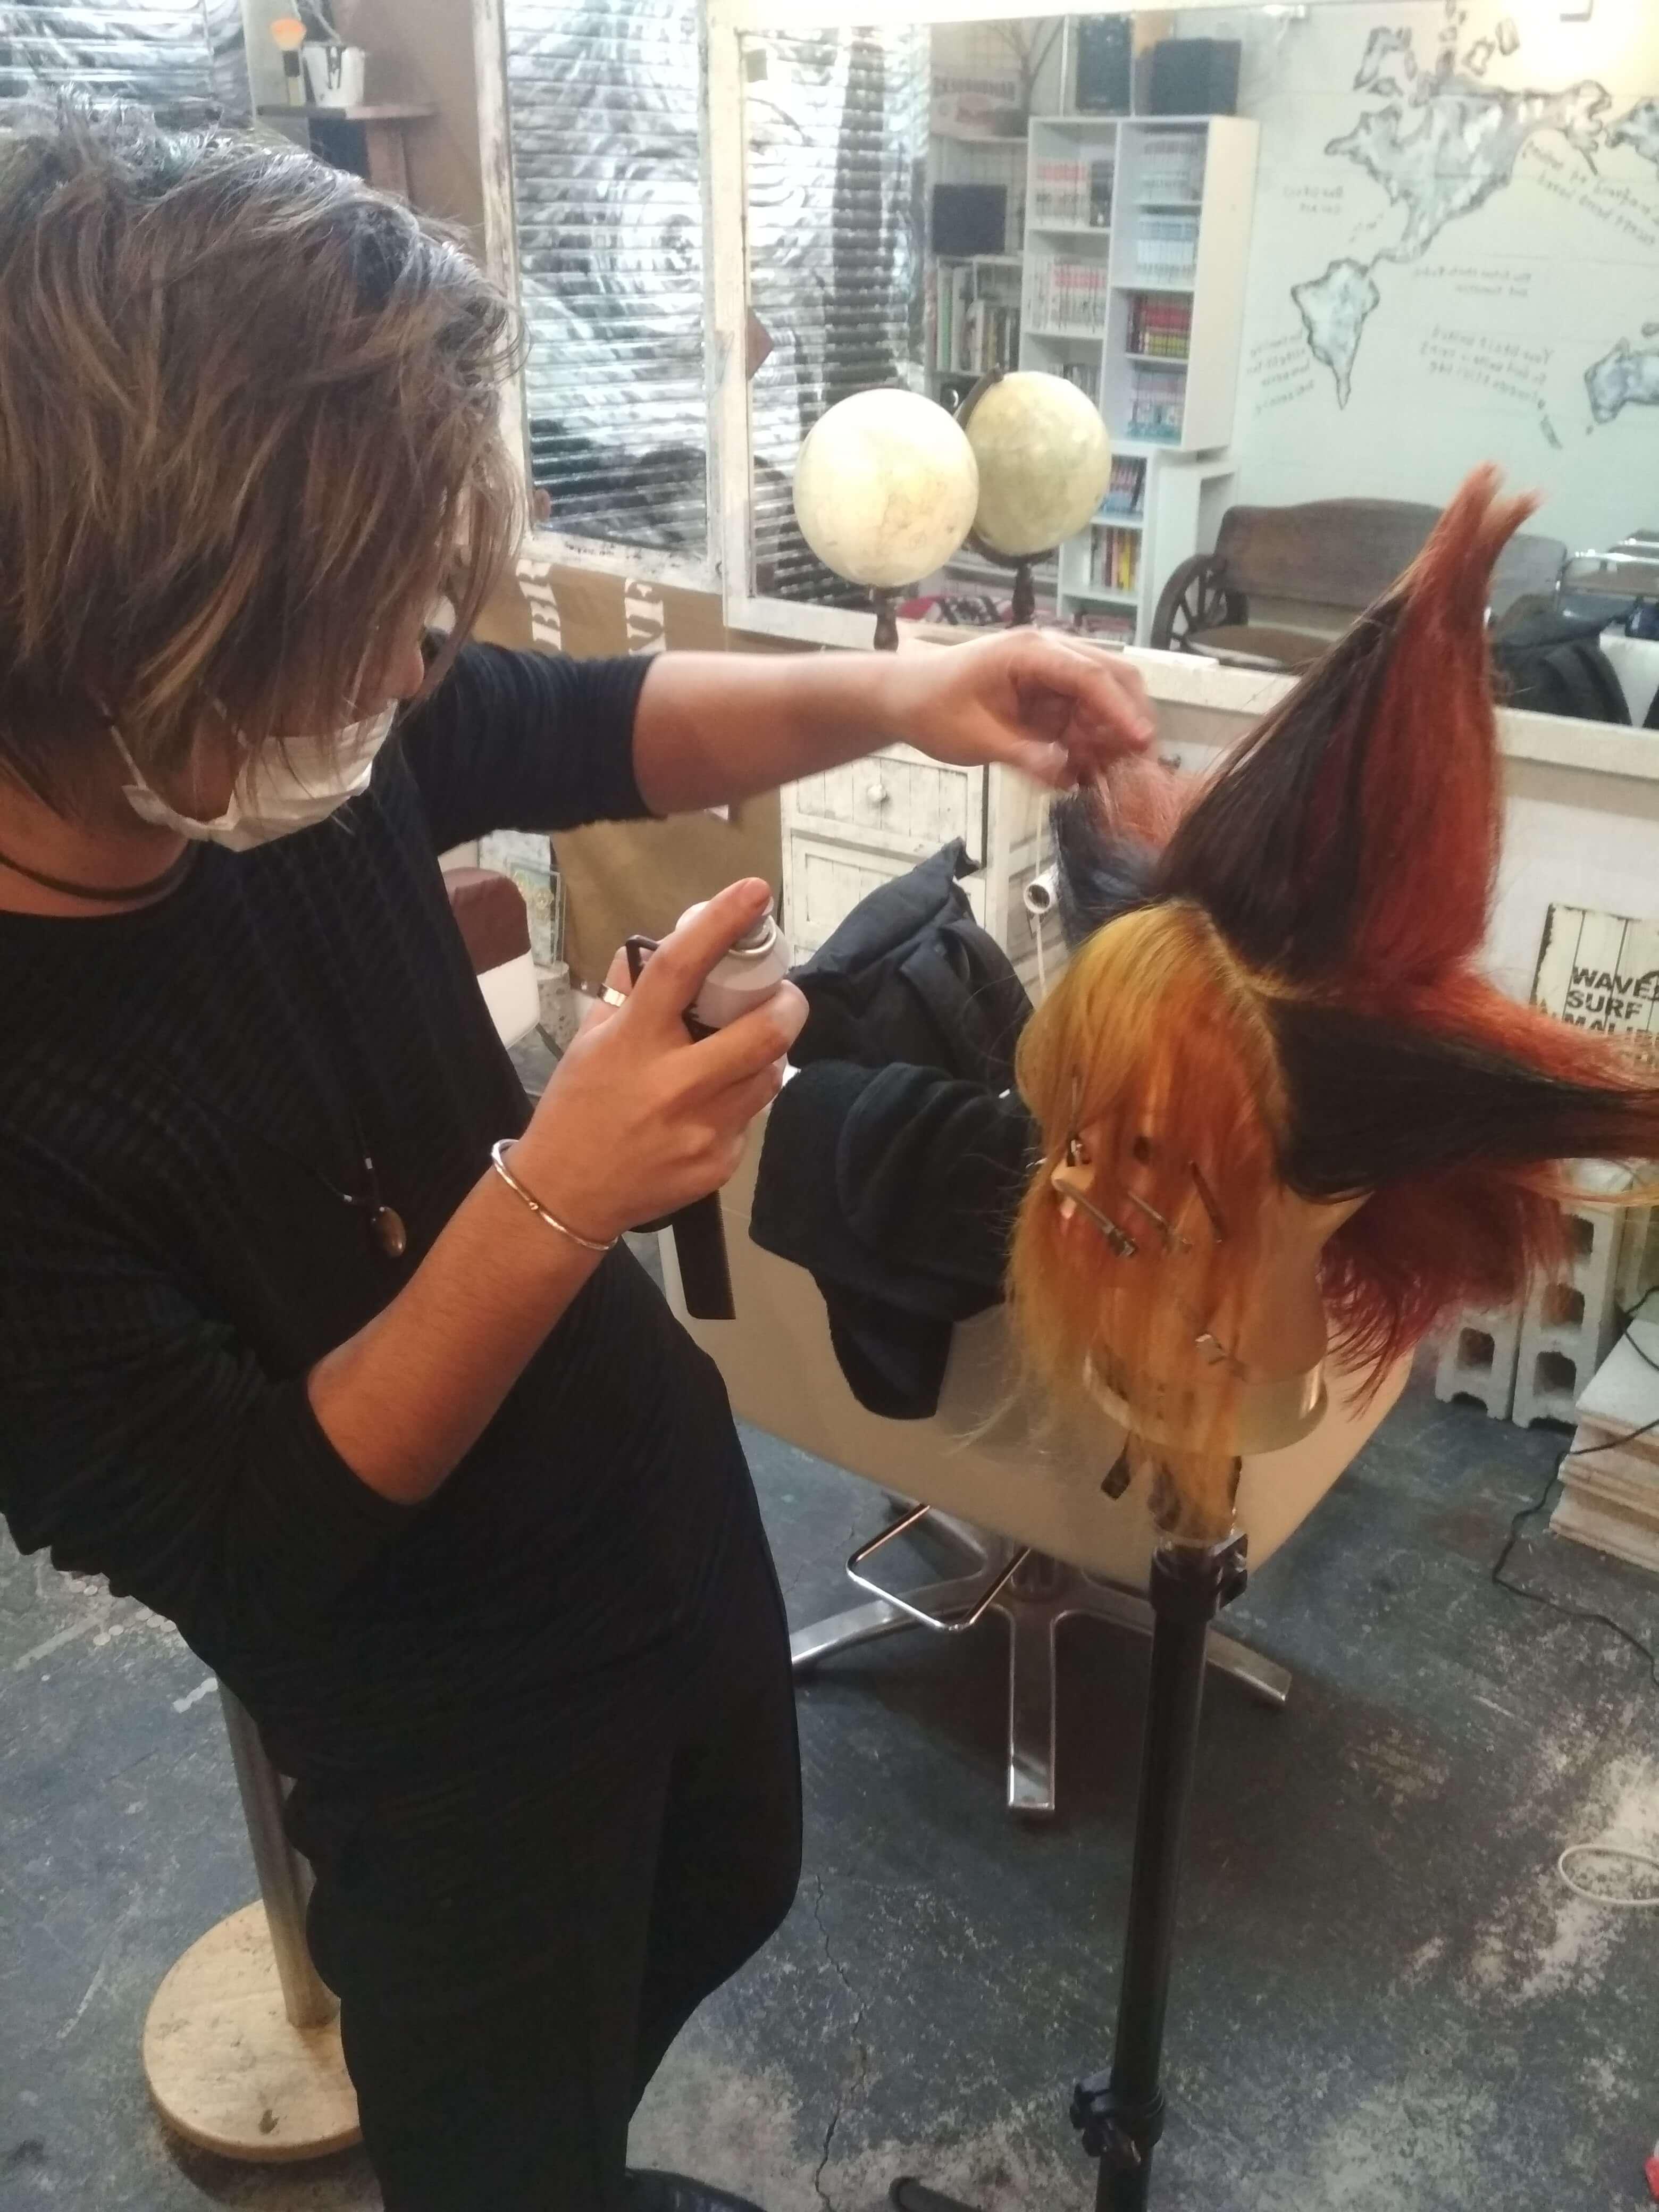 遊戯の髪型やばい